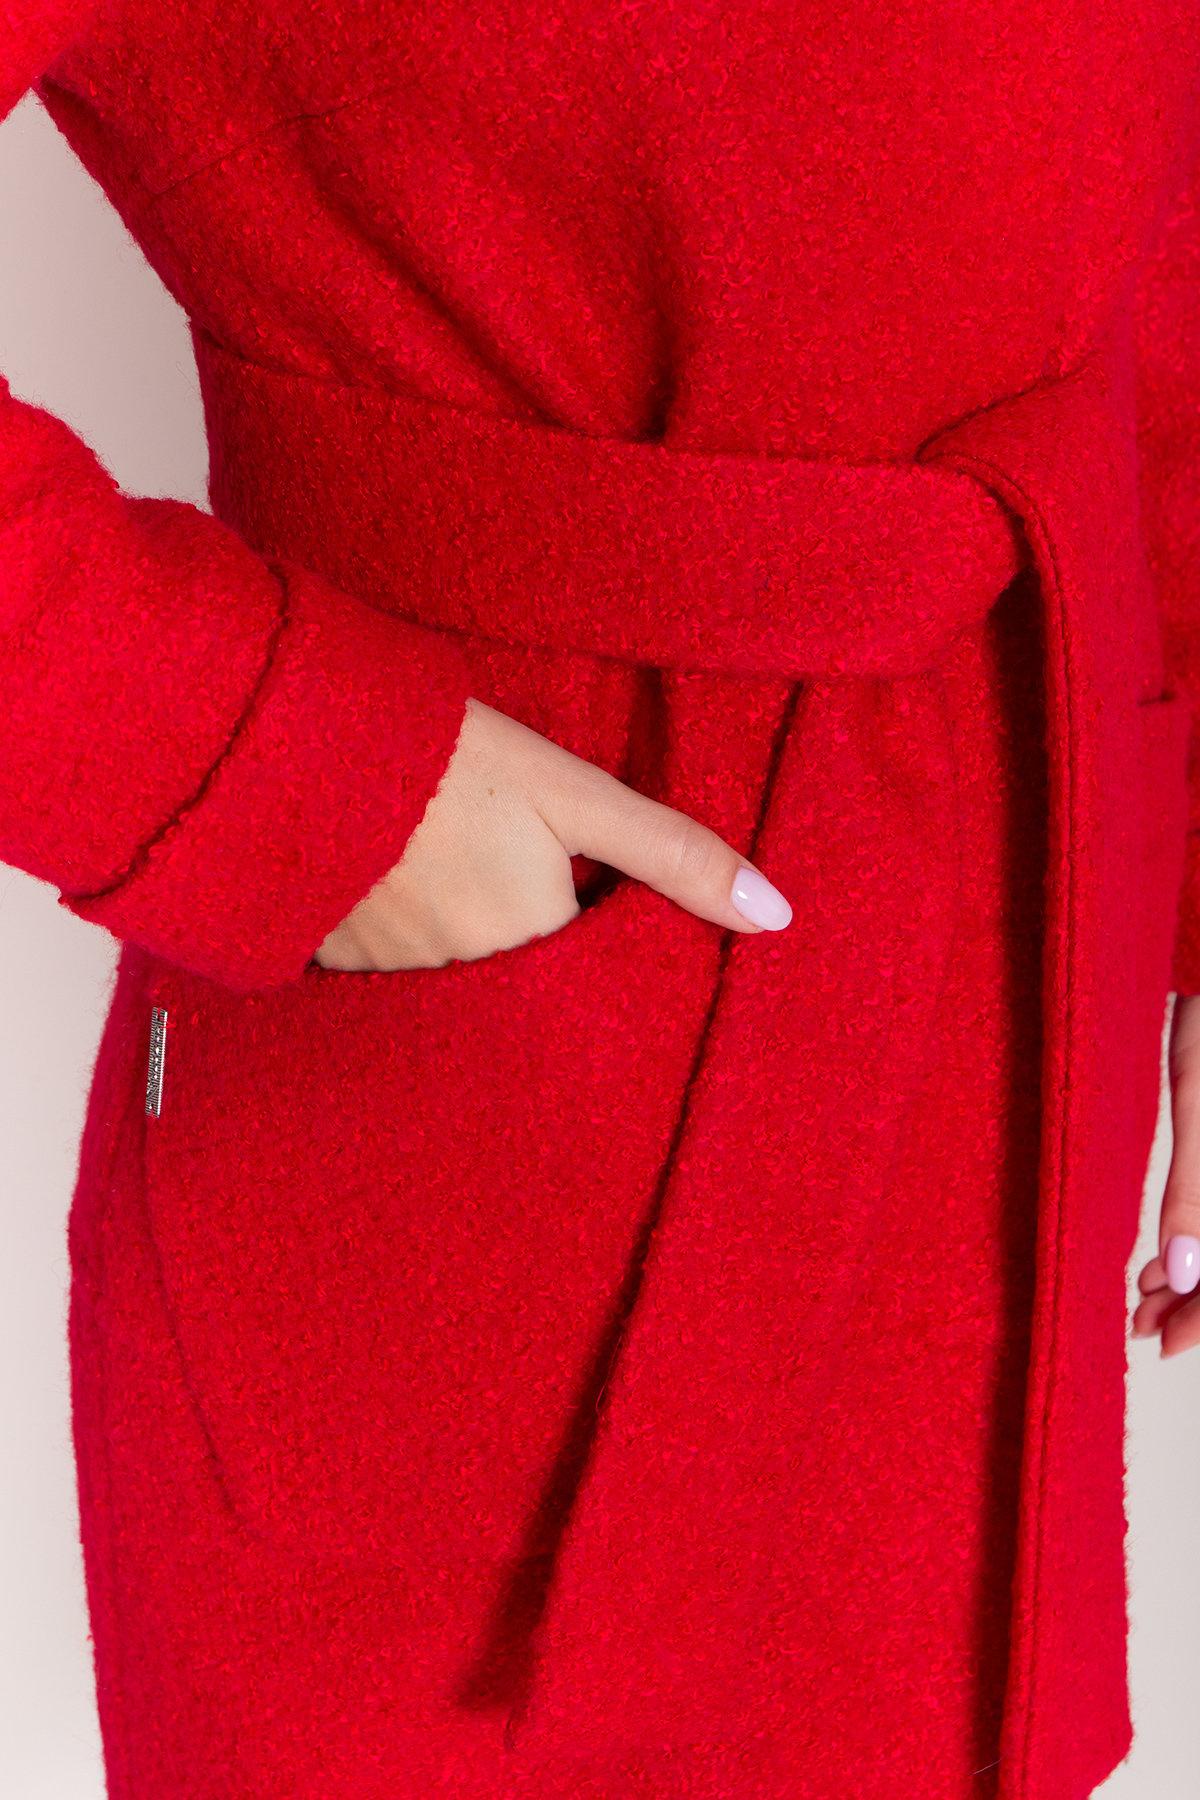 Пальто зима шерсть букле Анита классик 8320 АРТ. 44441 Цвет: Красный 1 - фото 6, интернет магазин tm-modus.ru